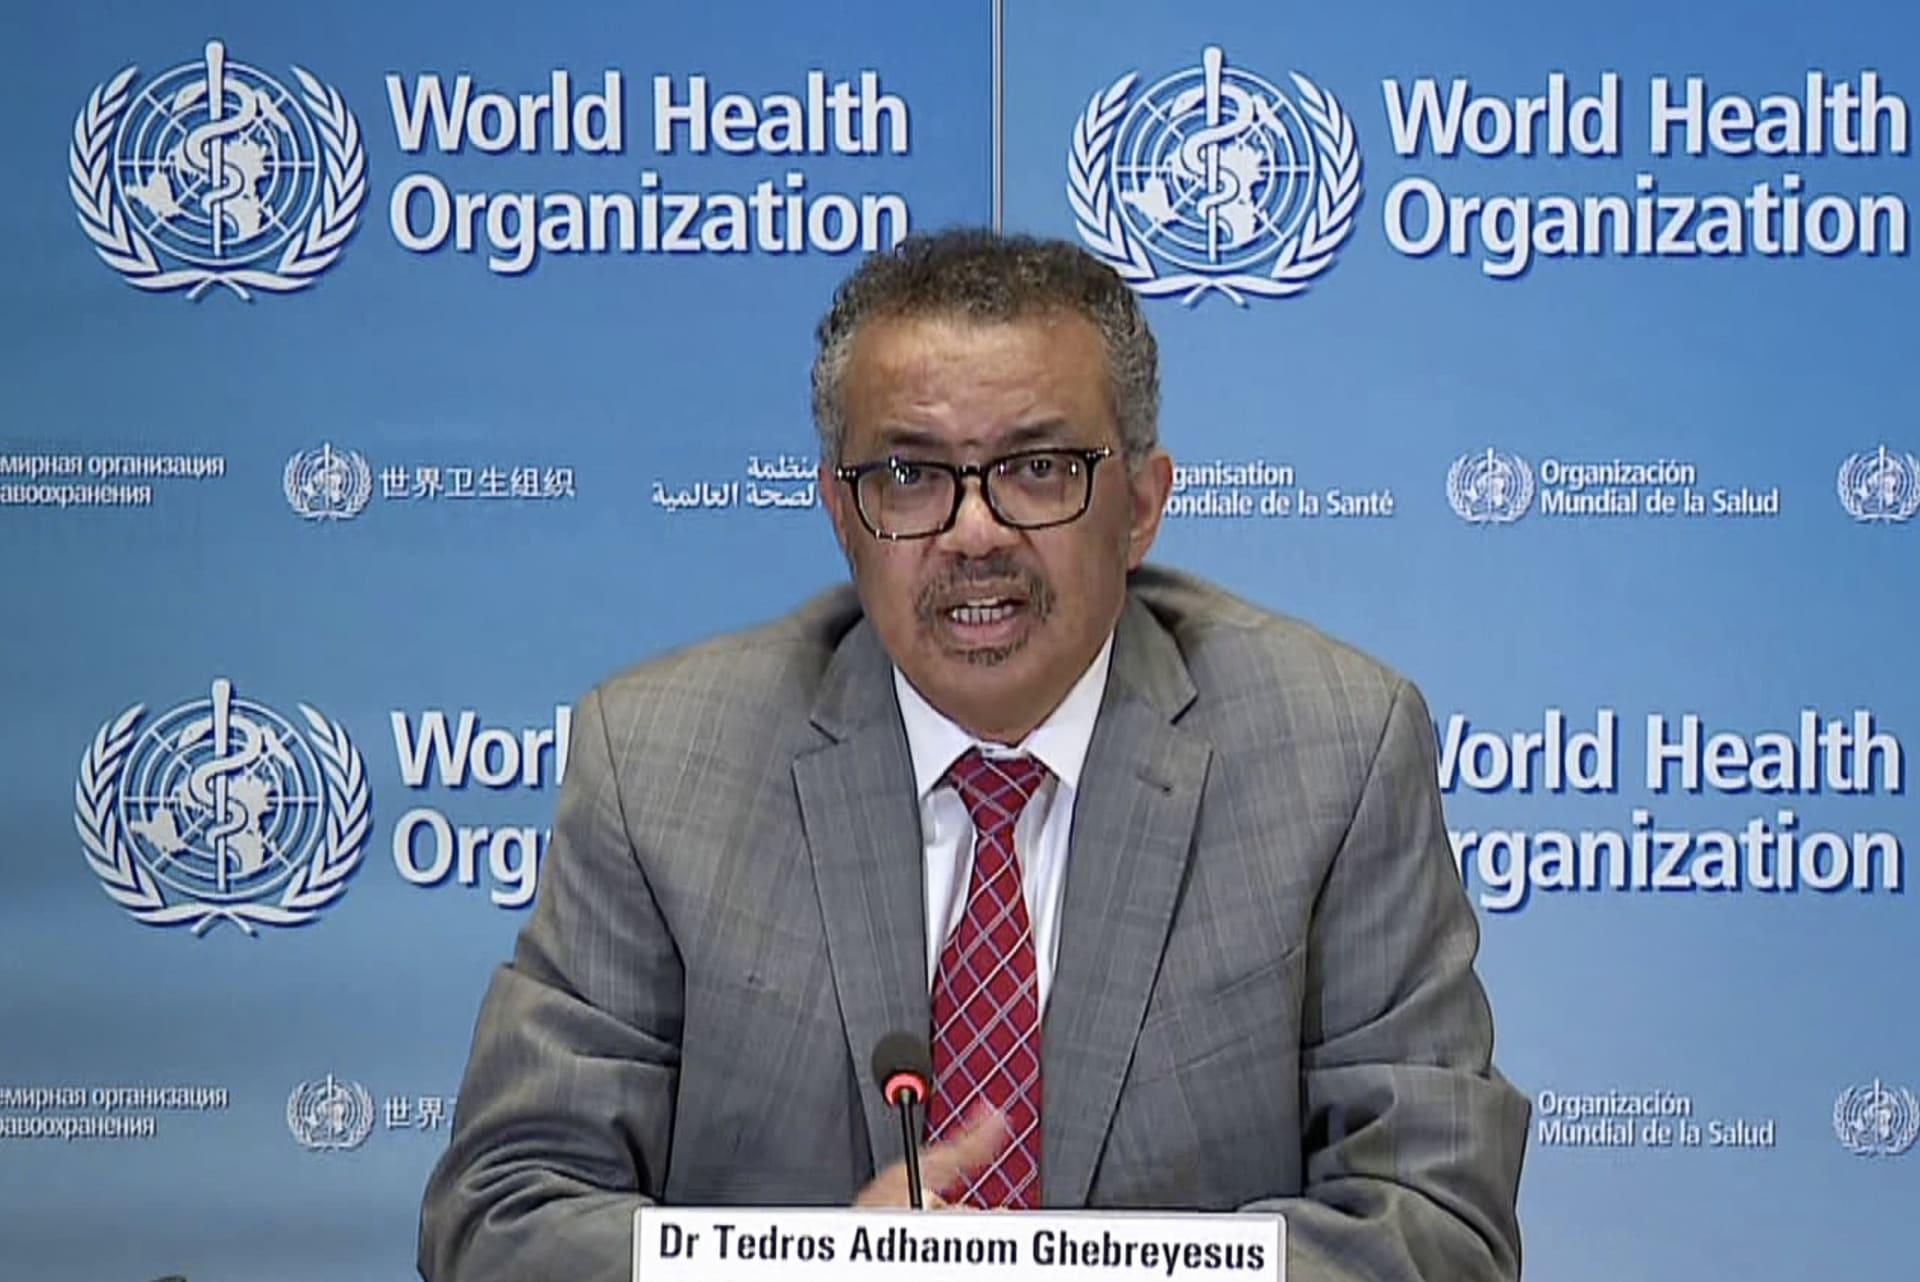 المدير العام لمنظمة الصحة العالمية تيدروس أدهانوم غبريسوس